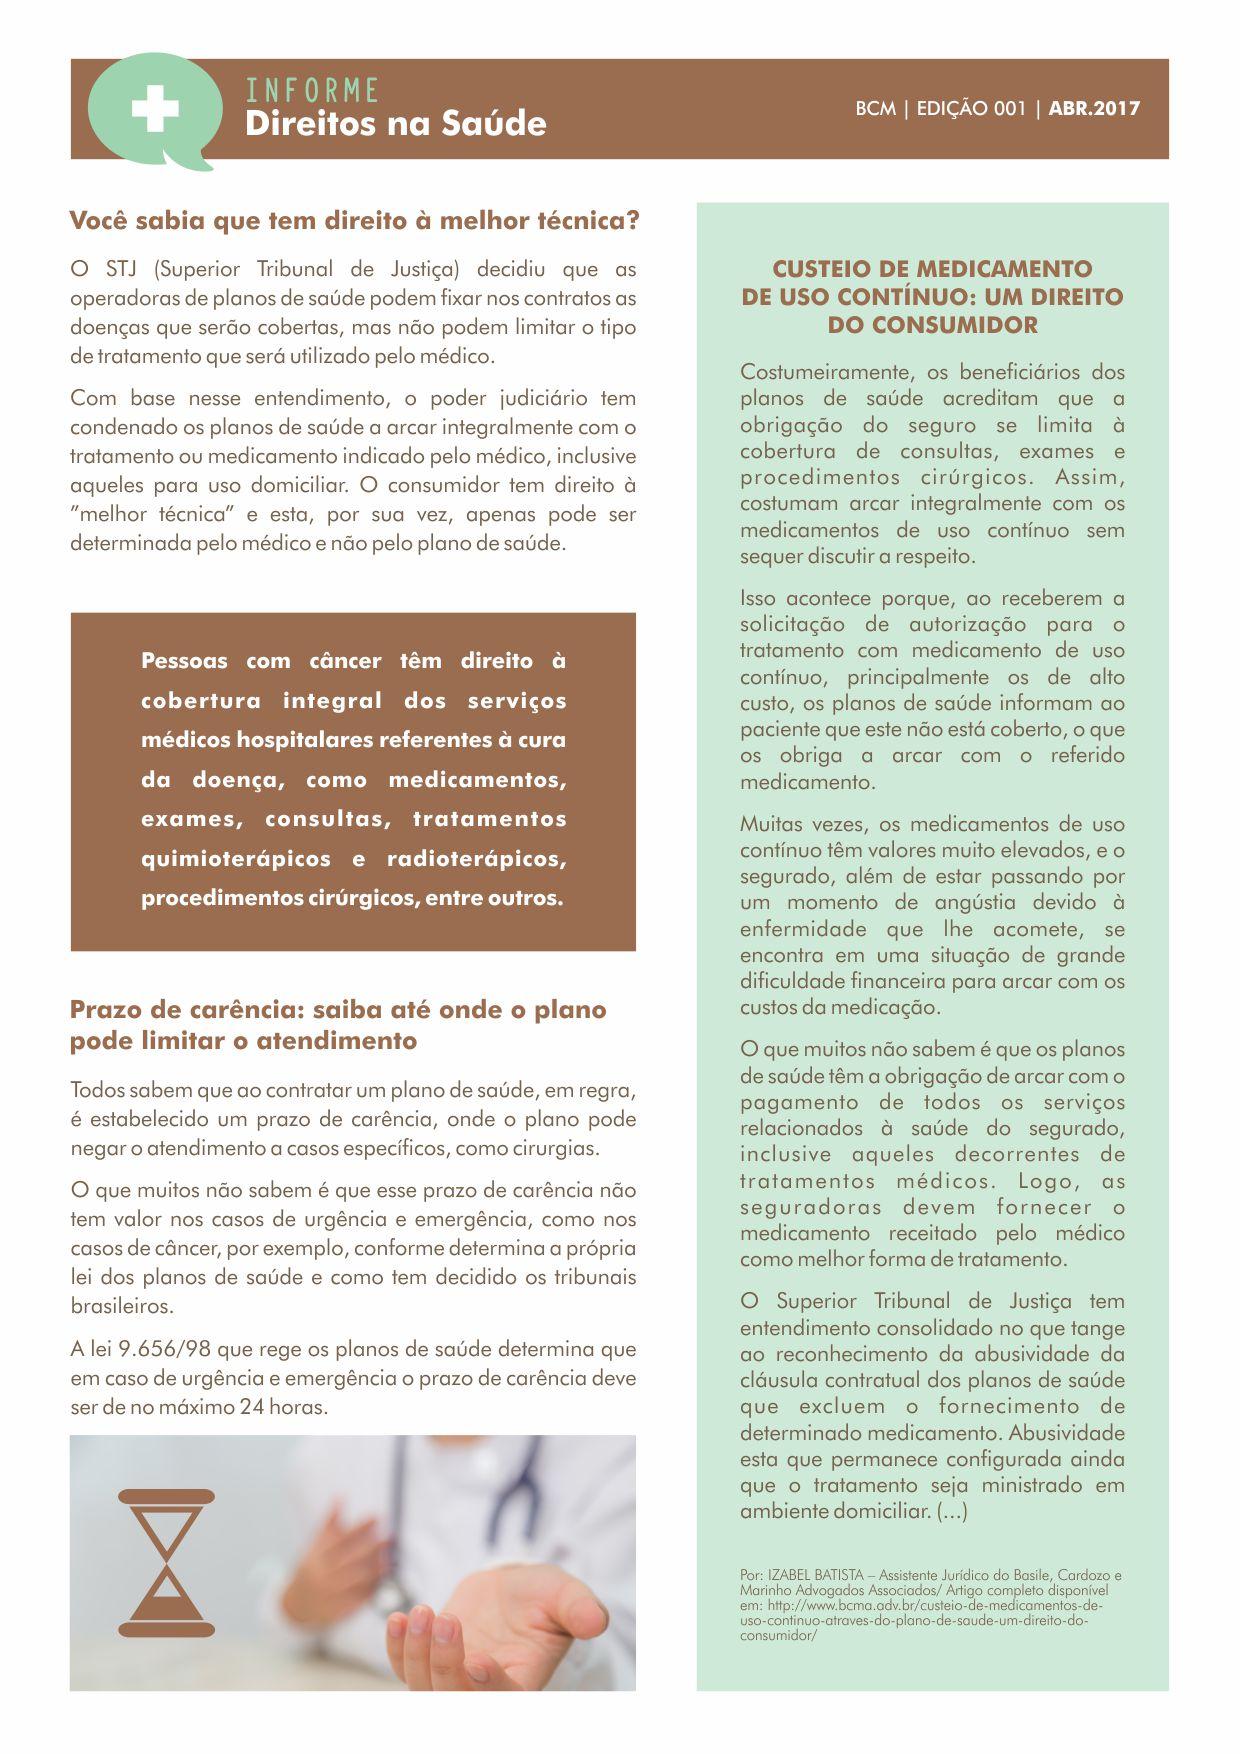 informativo_direitos na saude_BCM adv_01_01